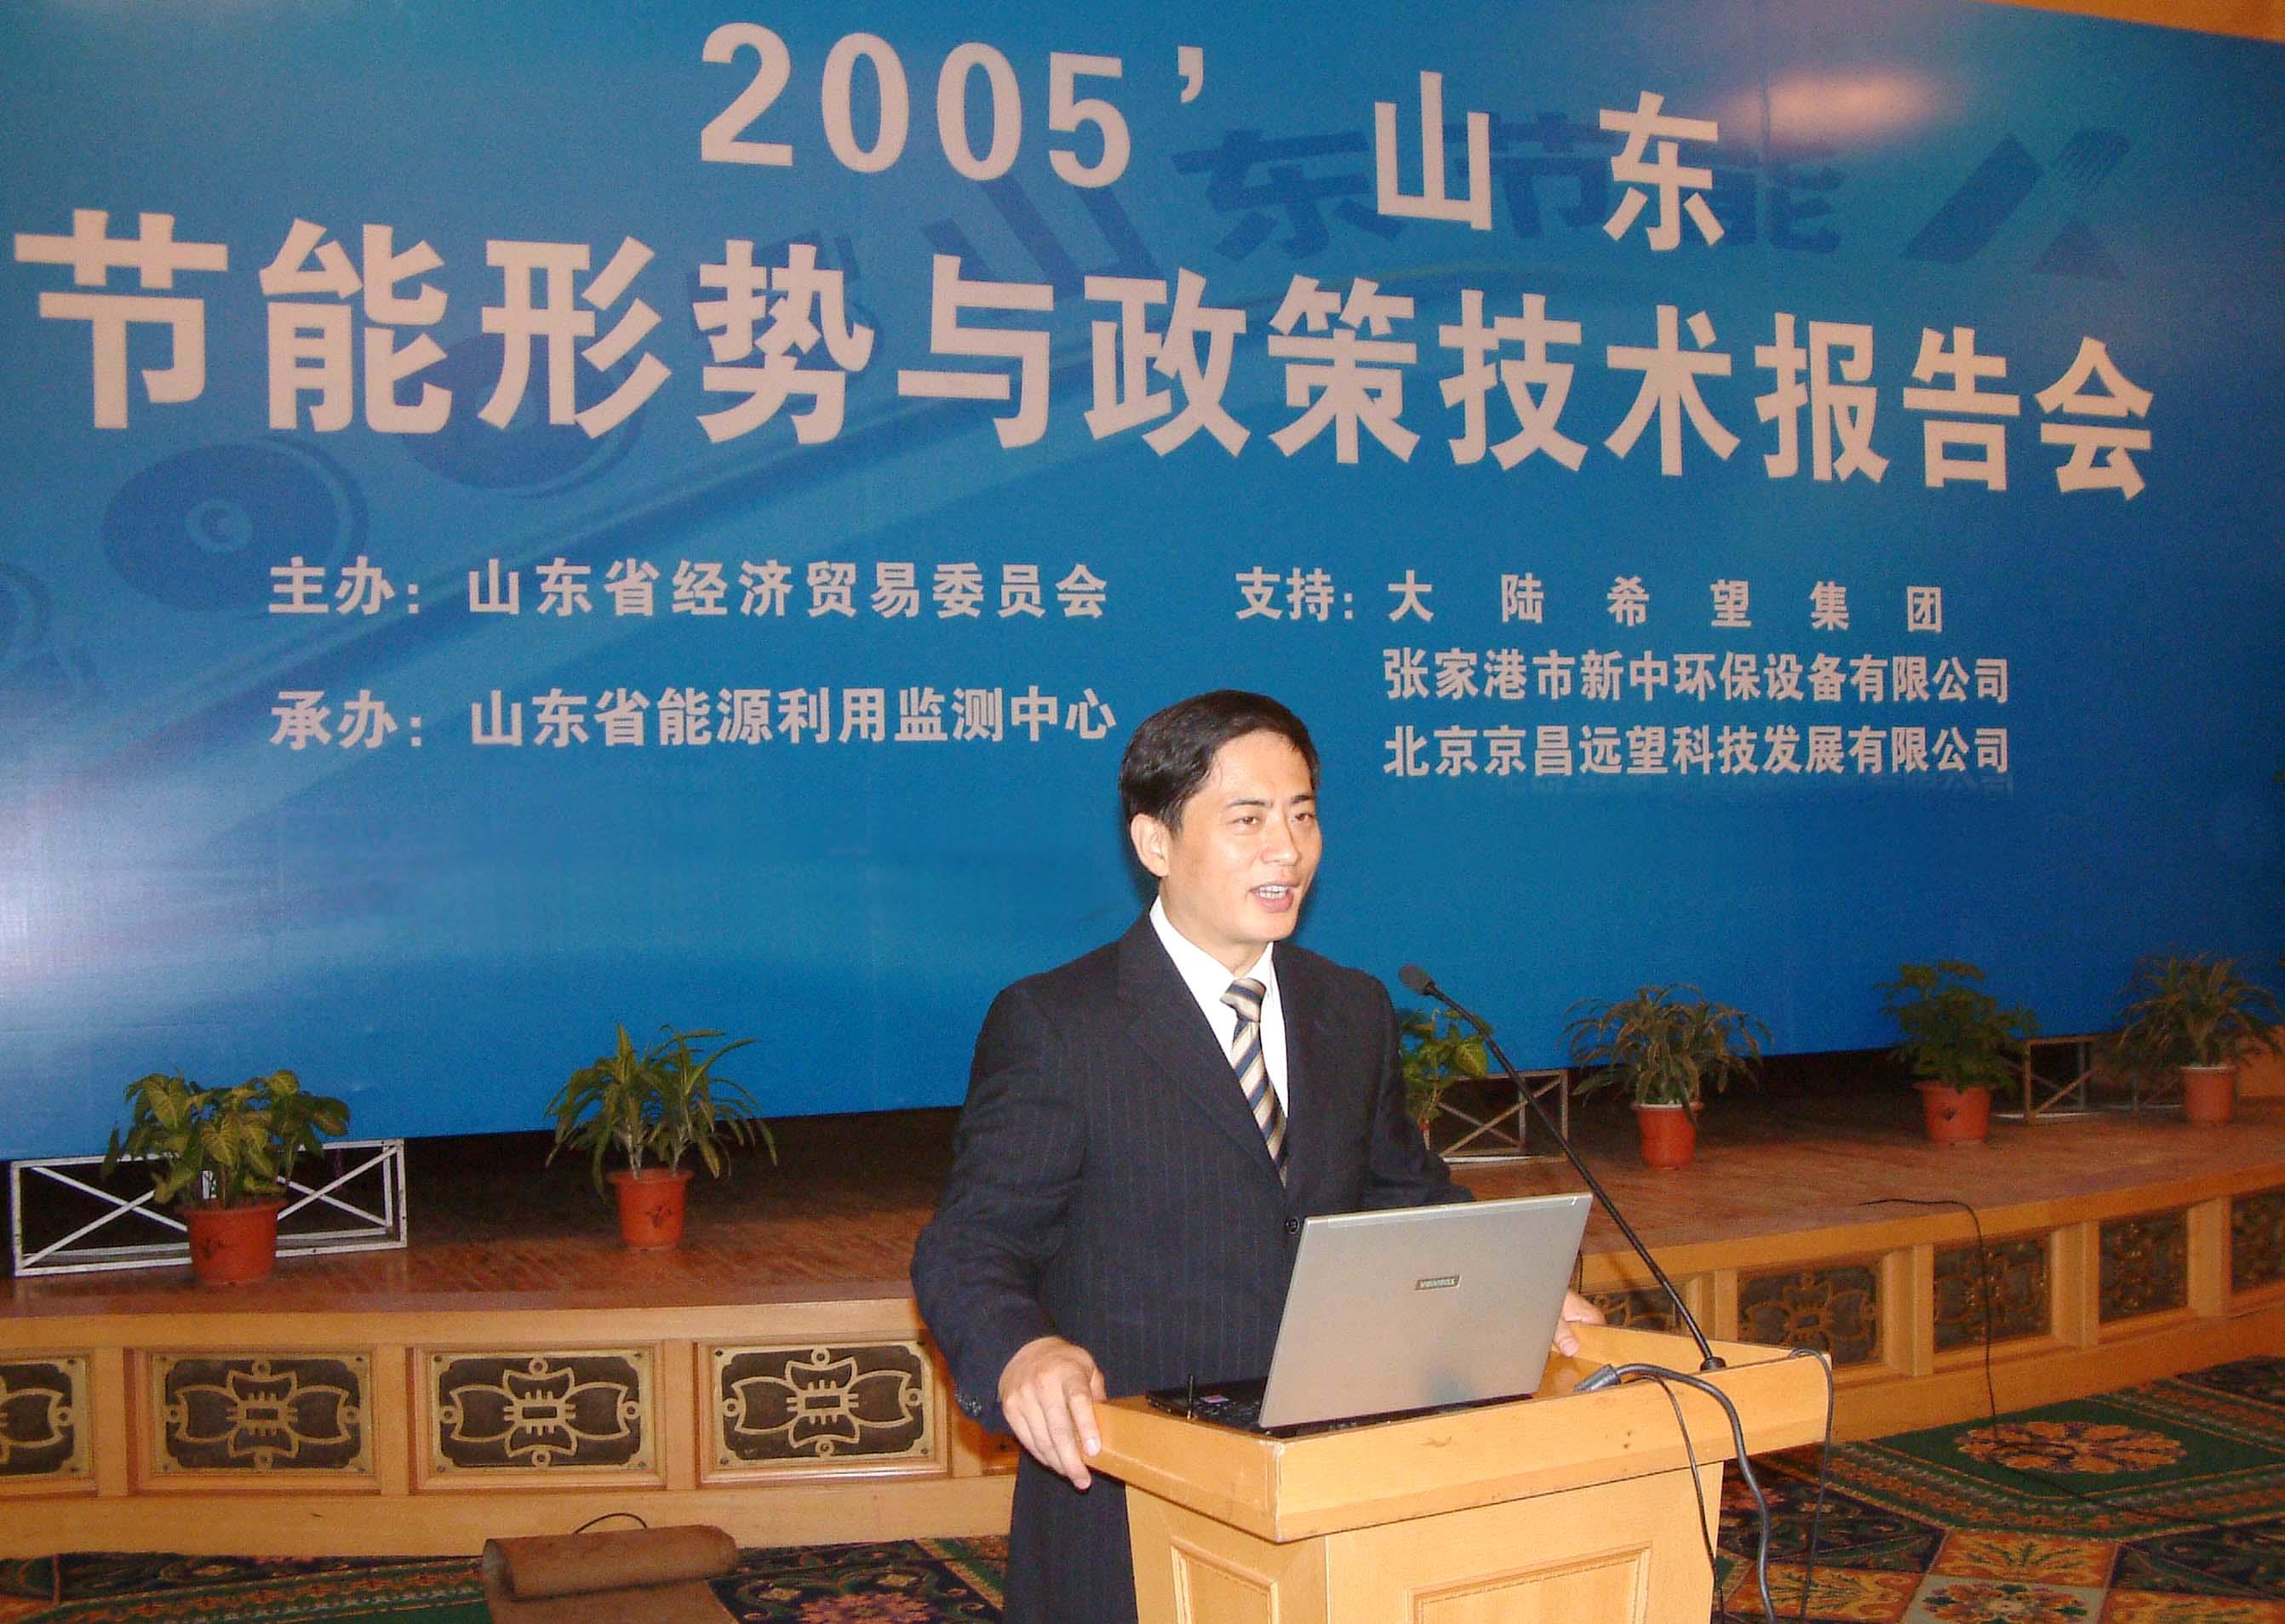 2005年陈斌总裁在山东作技术讲演